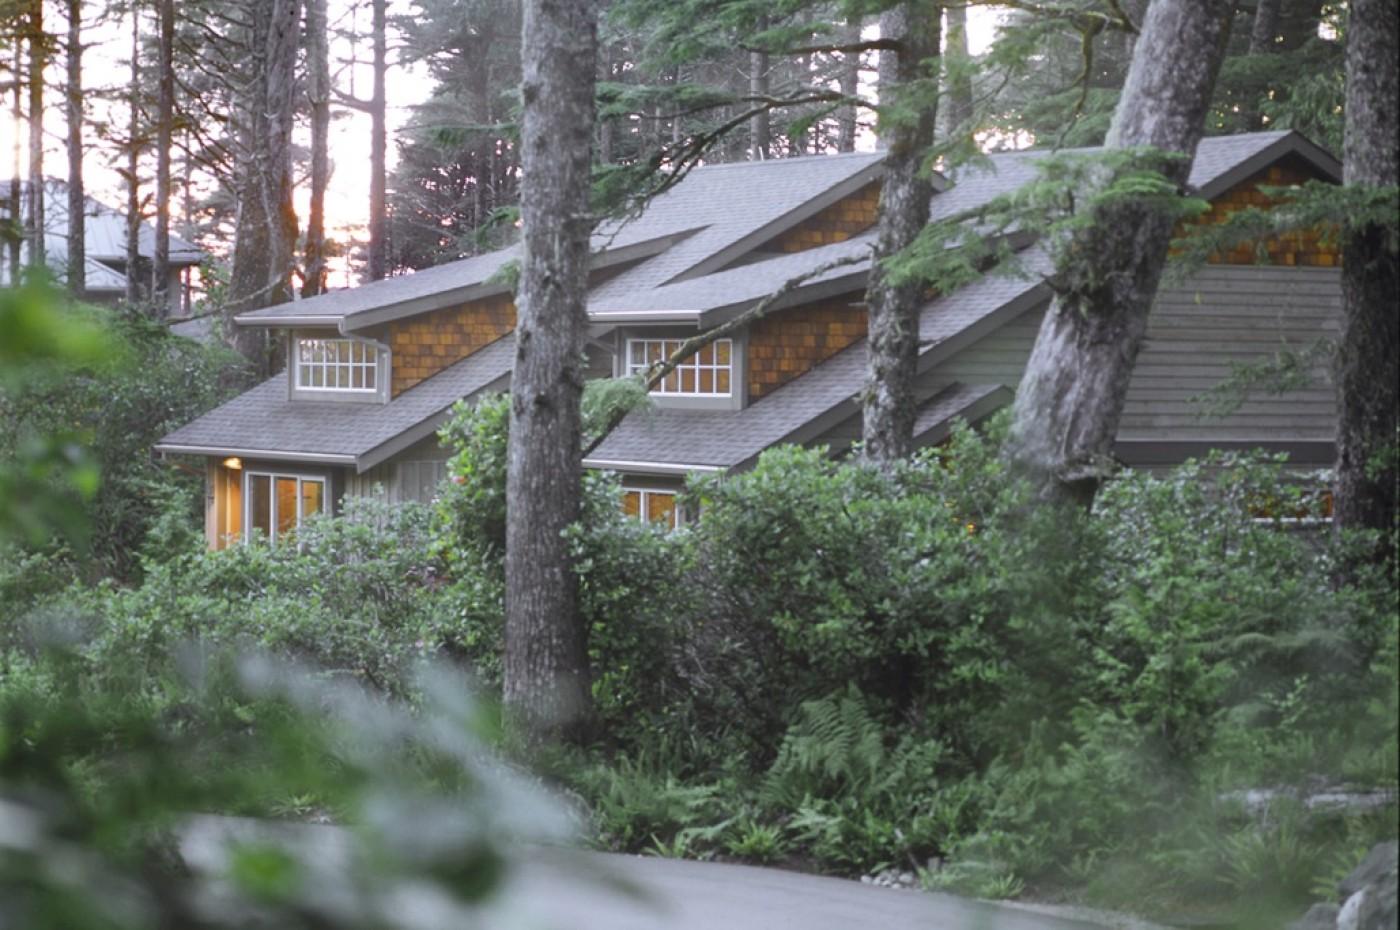 Bu belirti Anlama şemsiye beach cabin vk - sanliurfademirdokum.com